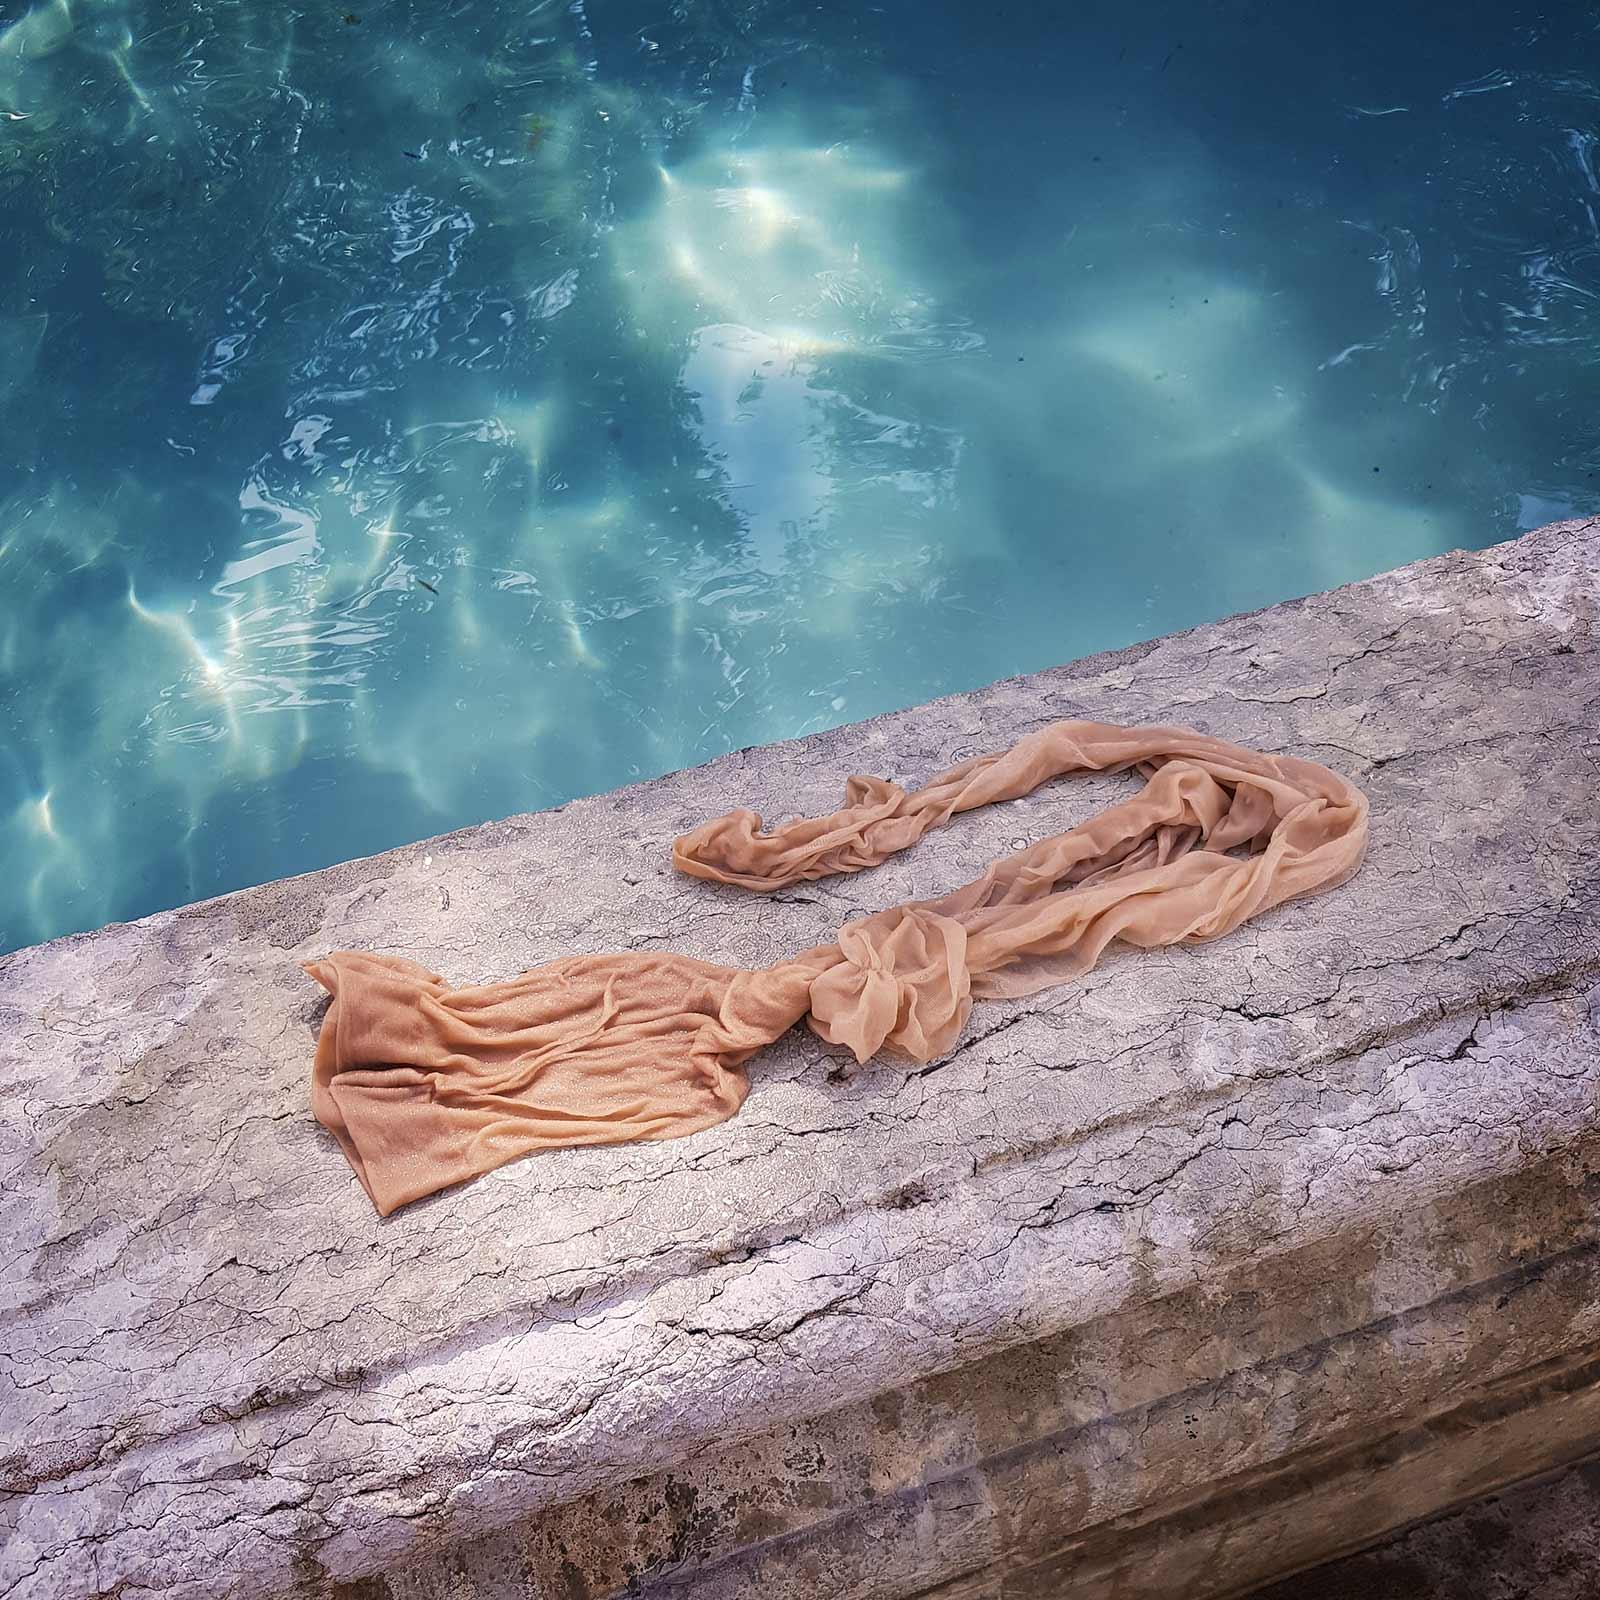 Ein wassergetränkter Strumpf liegt auf dem Brunnenrand und im Hintergrund reflektieren die Sonnenstrahlen im Wasser